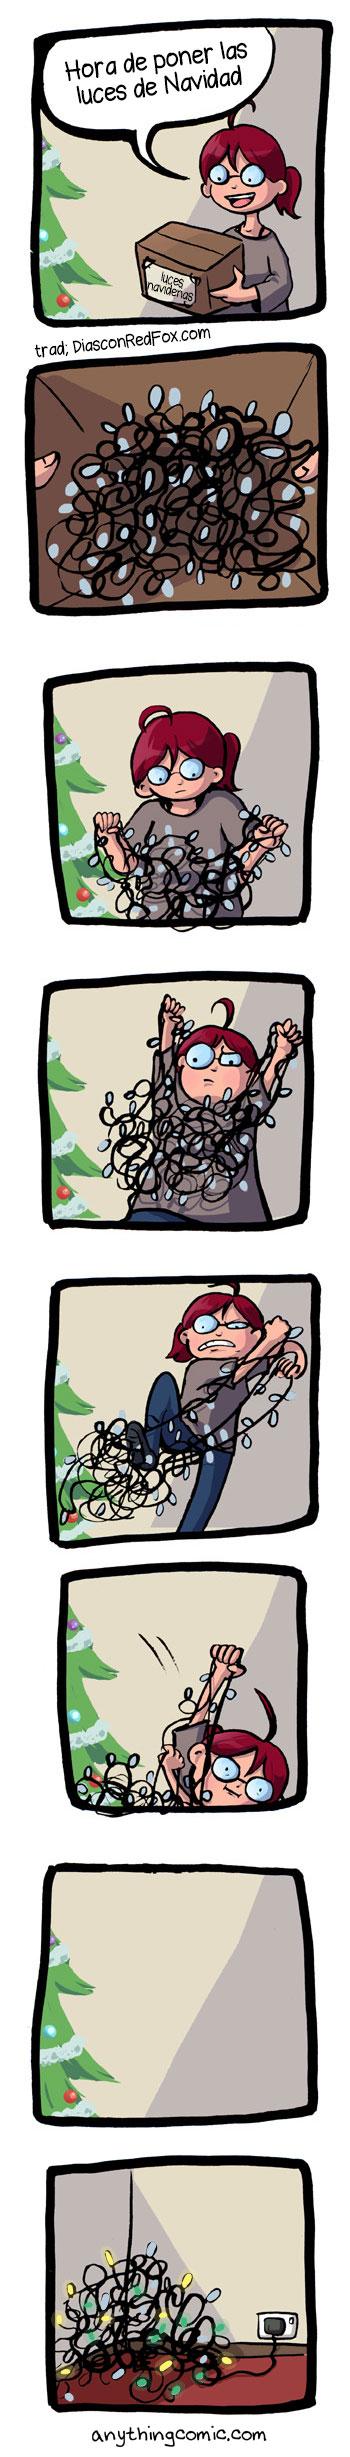 luces de navidad humor